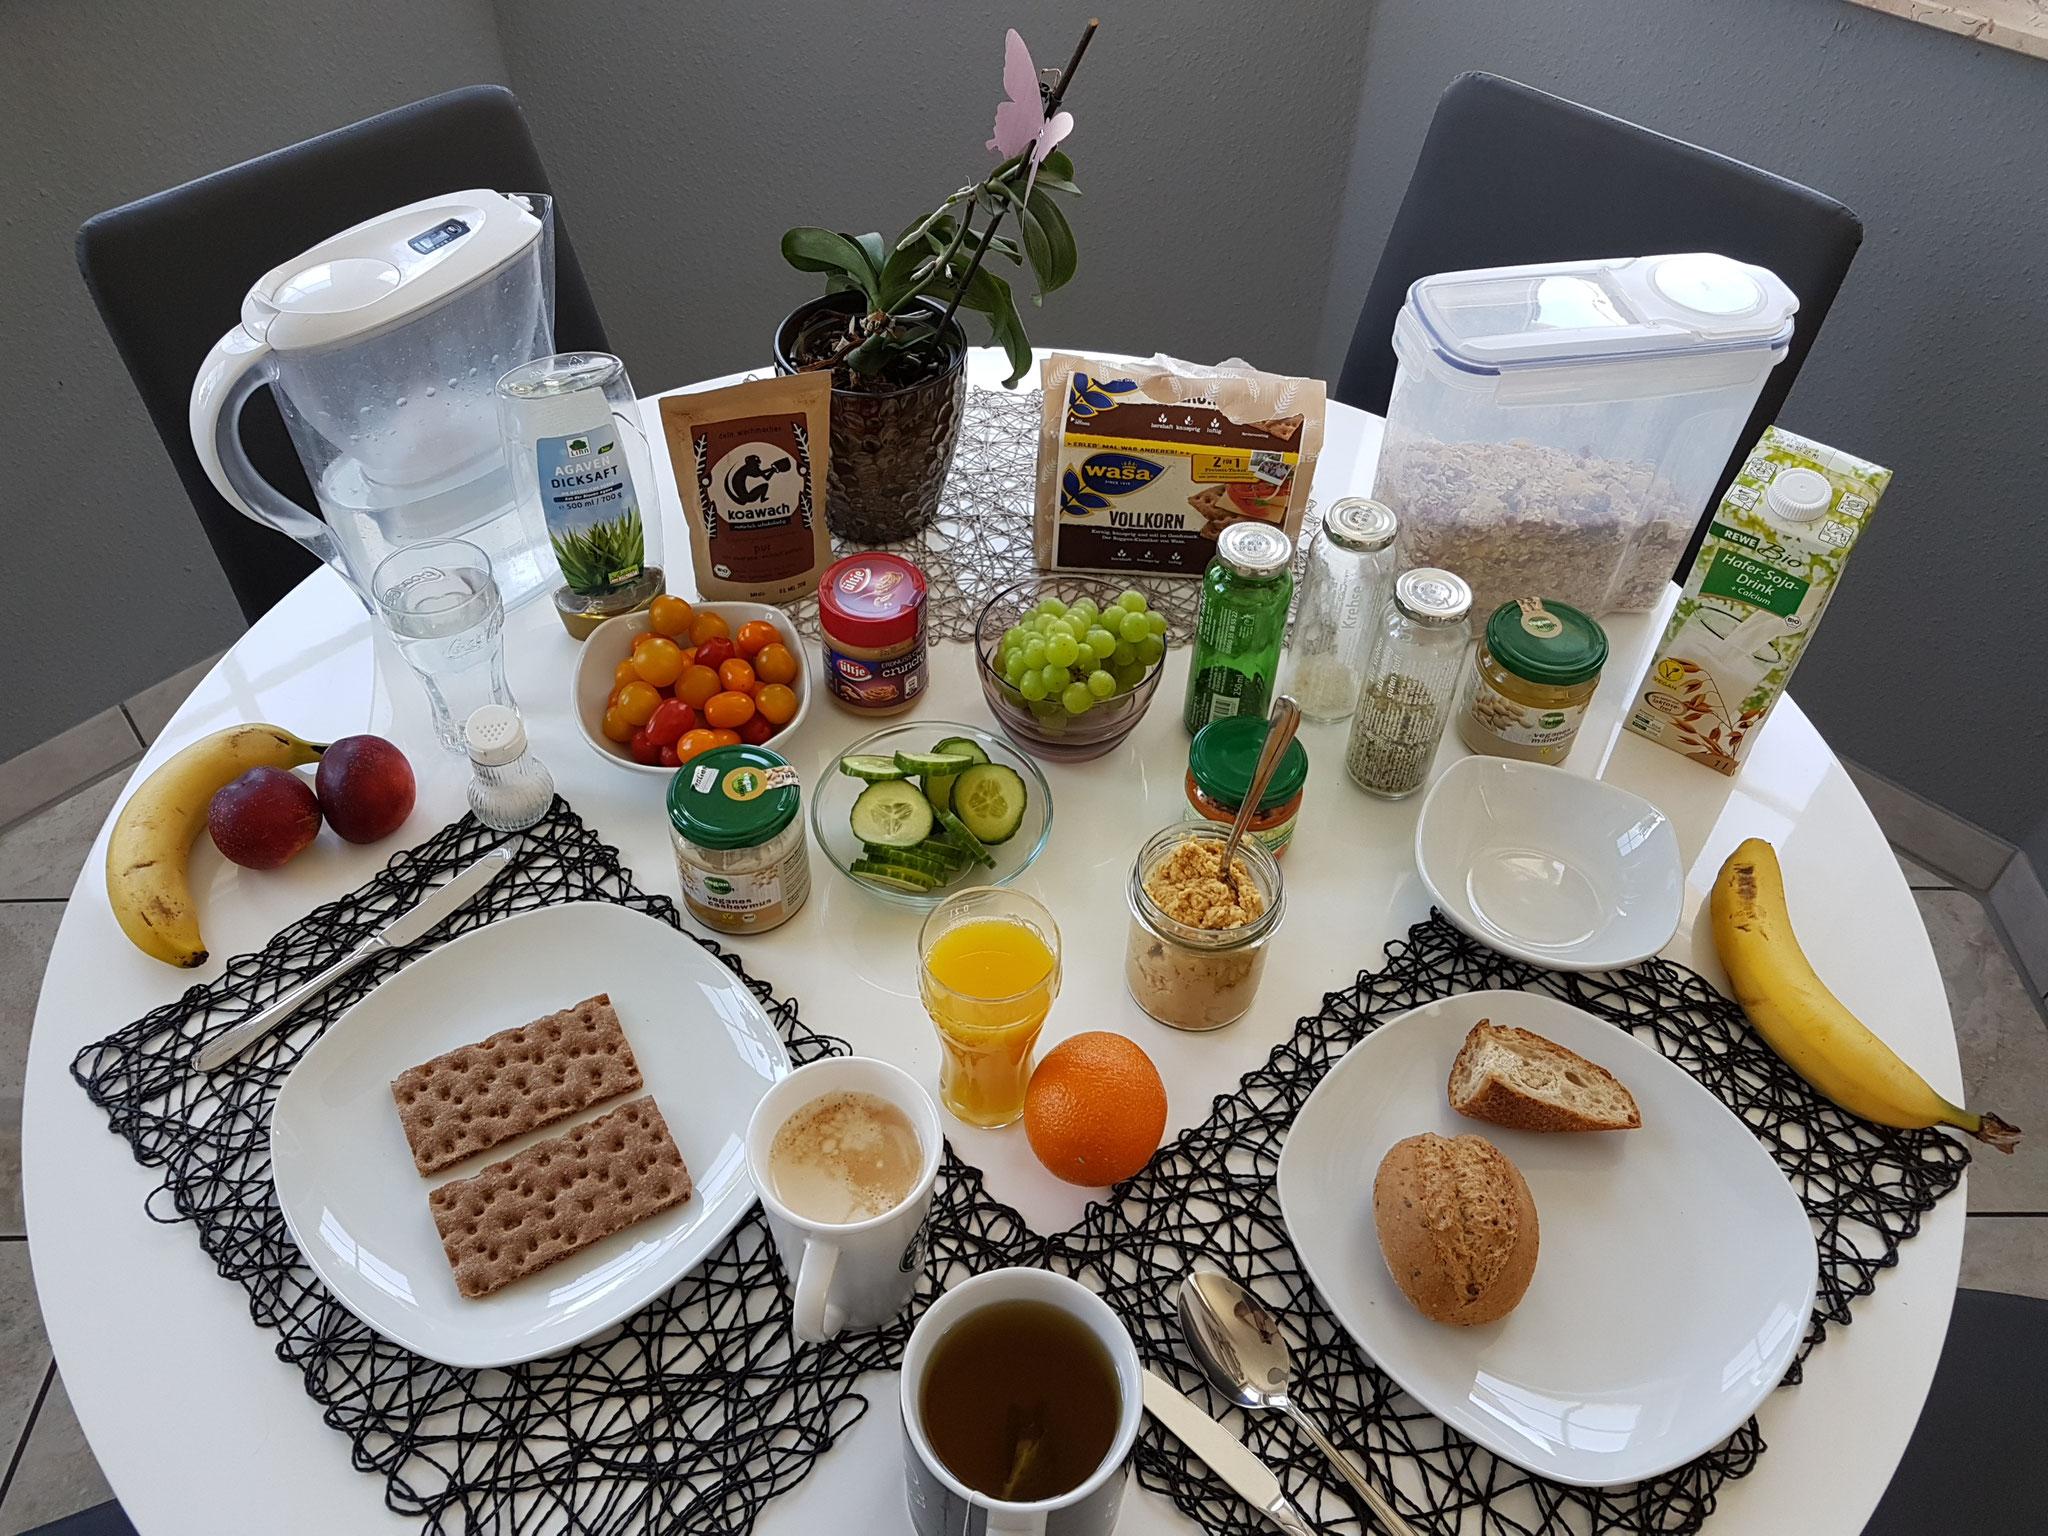 Vegan frühstücken ist doch kinderleicht...